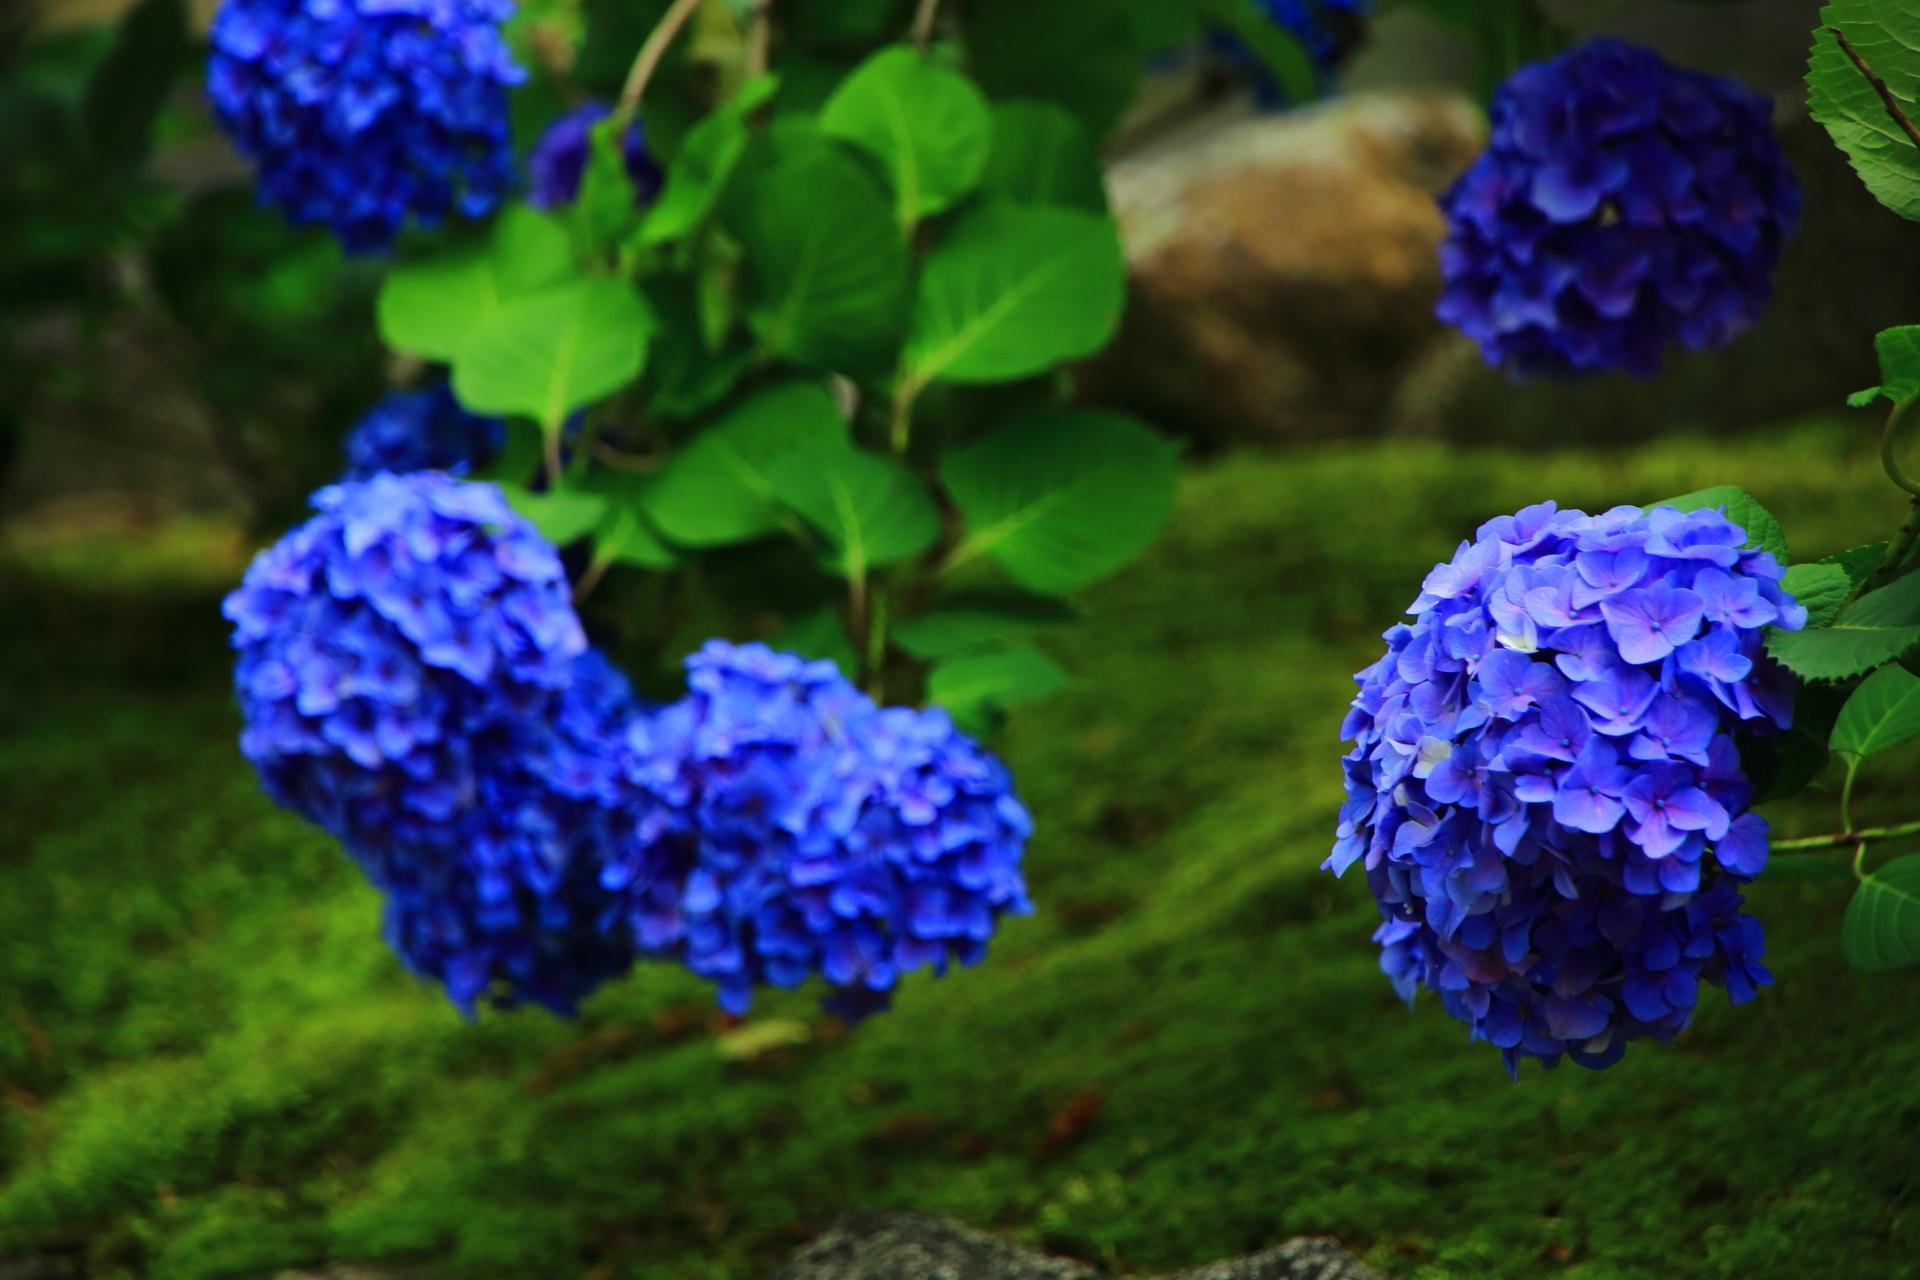 柔らかい苔の上にしっとりと咲く知恩院の紫陽花